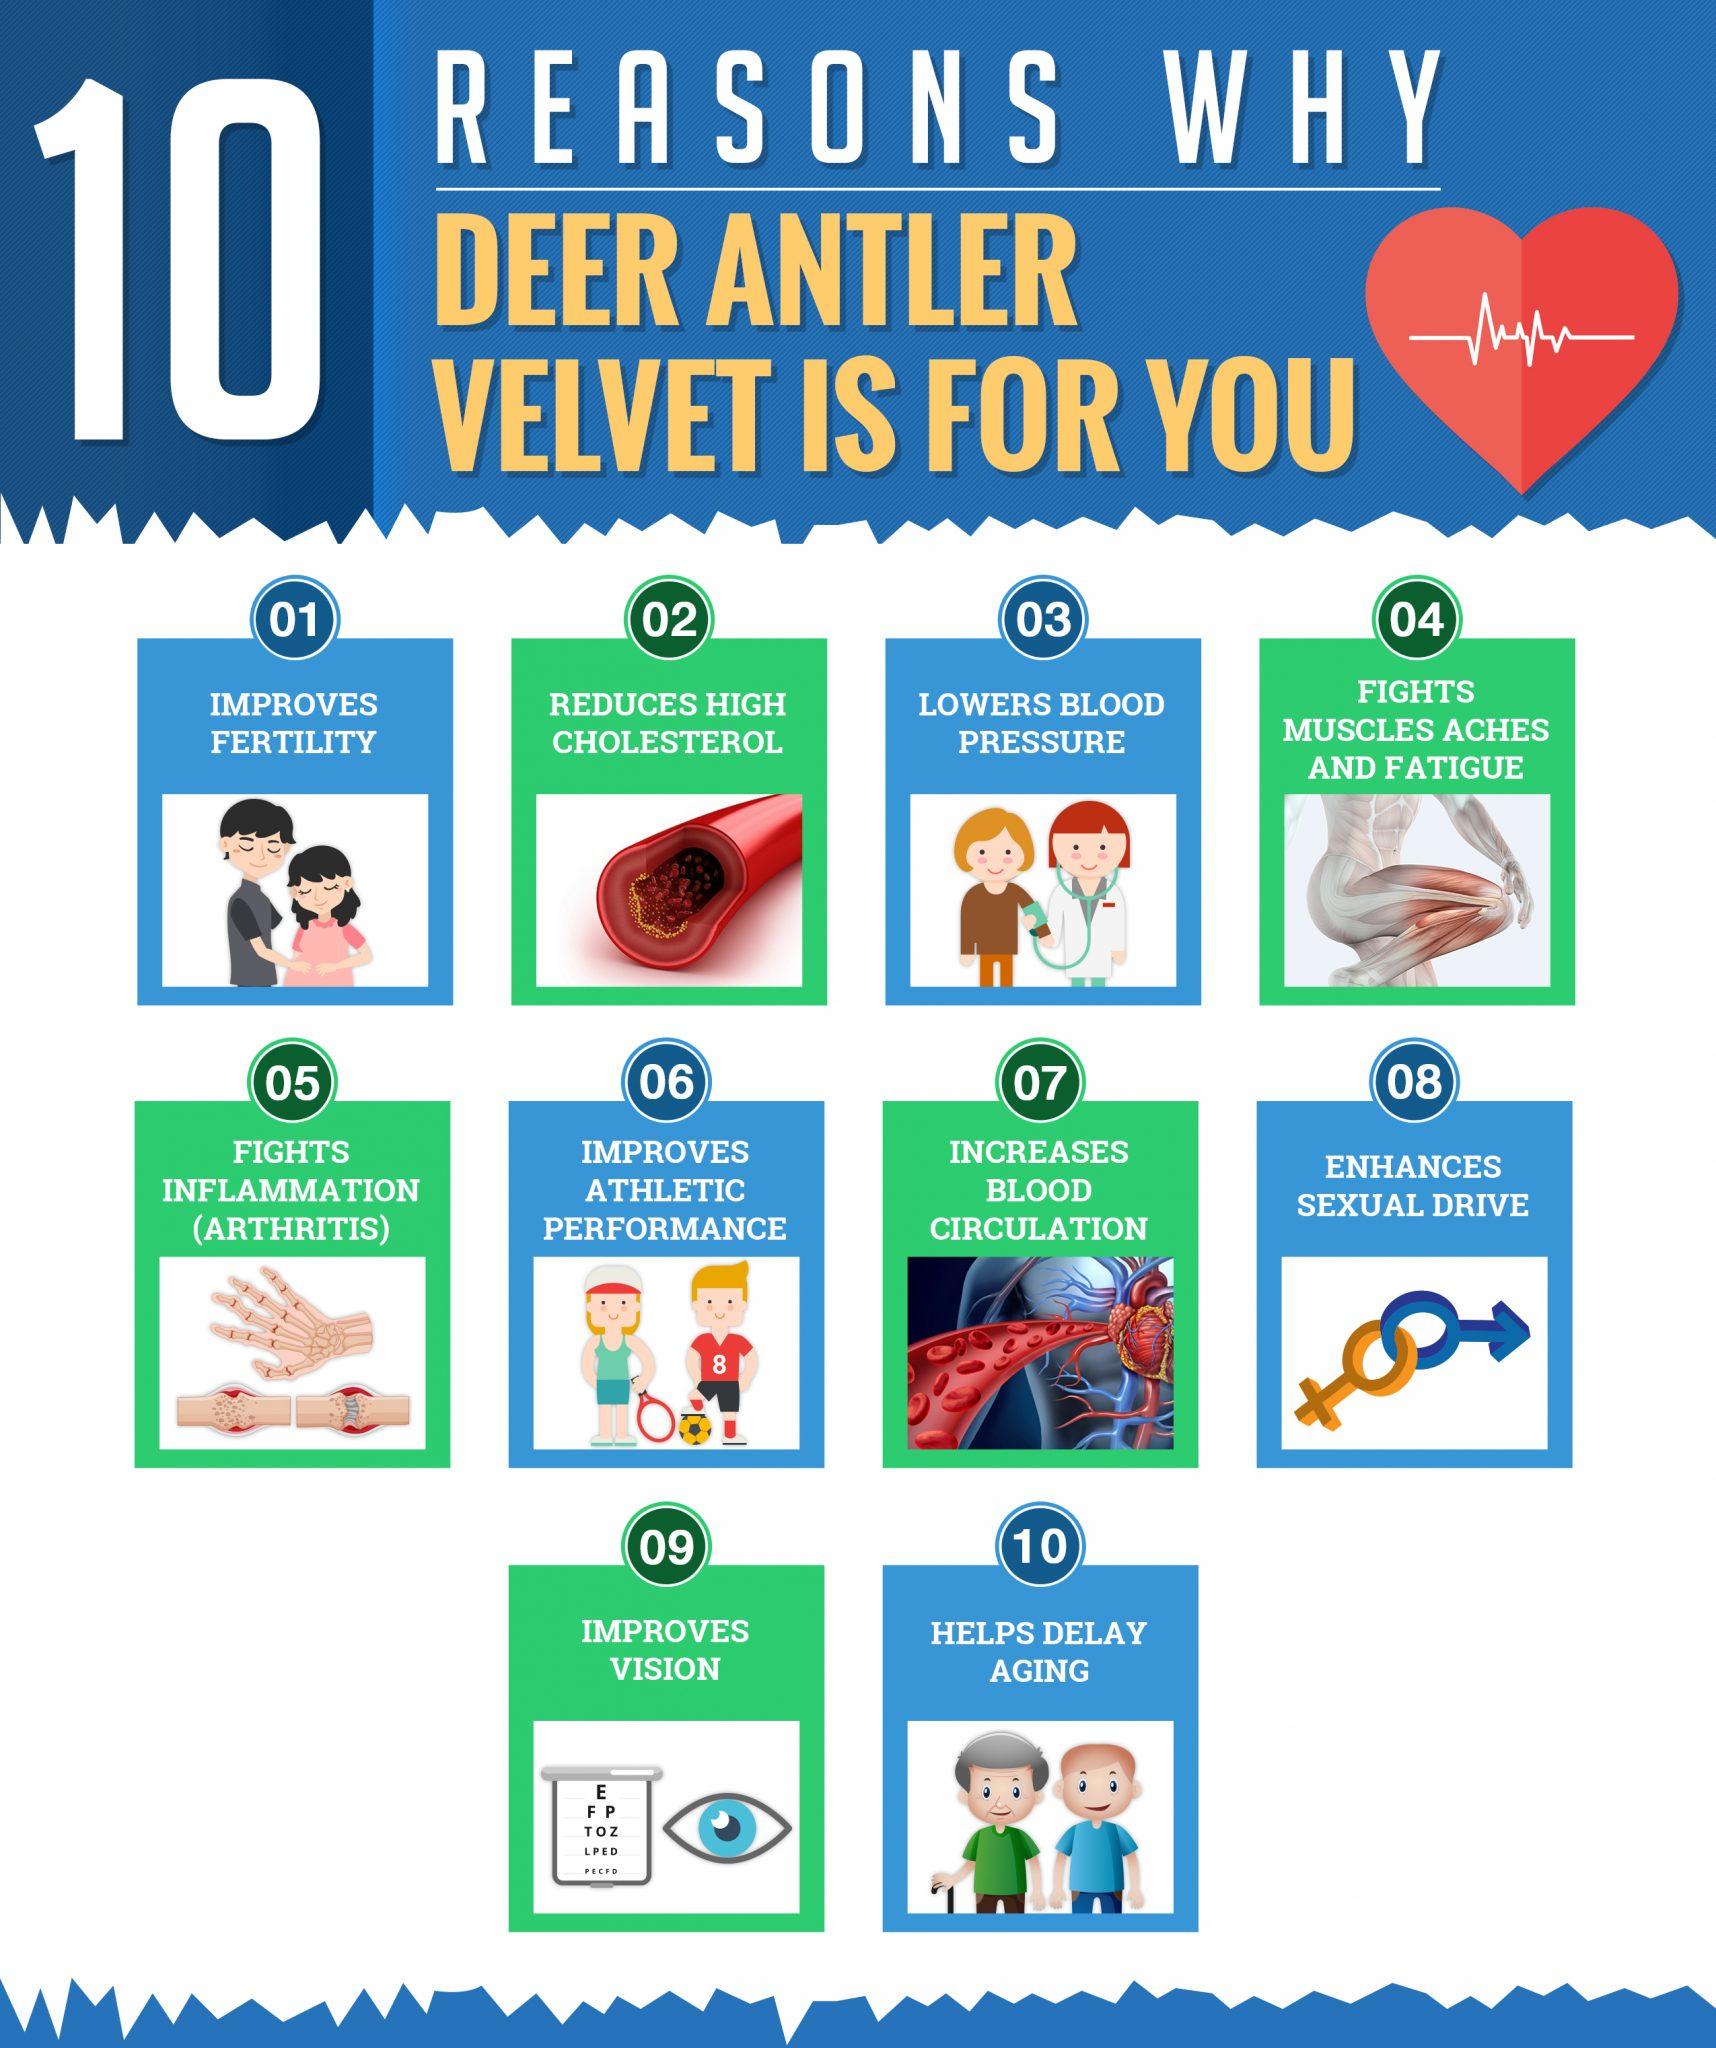 deer antler velvet health benefits